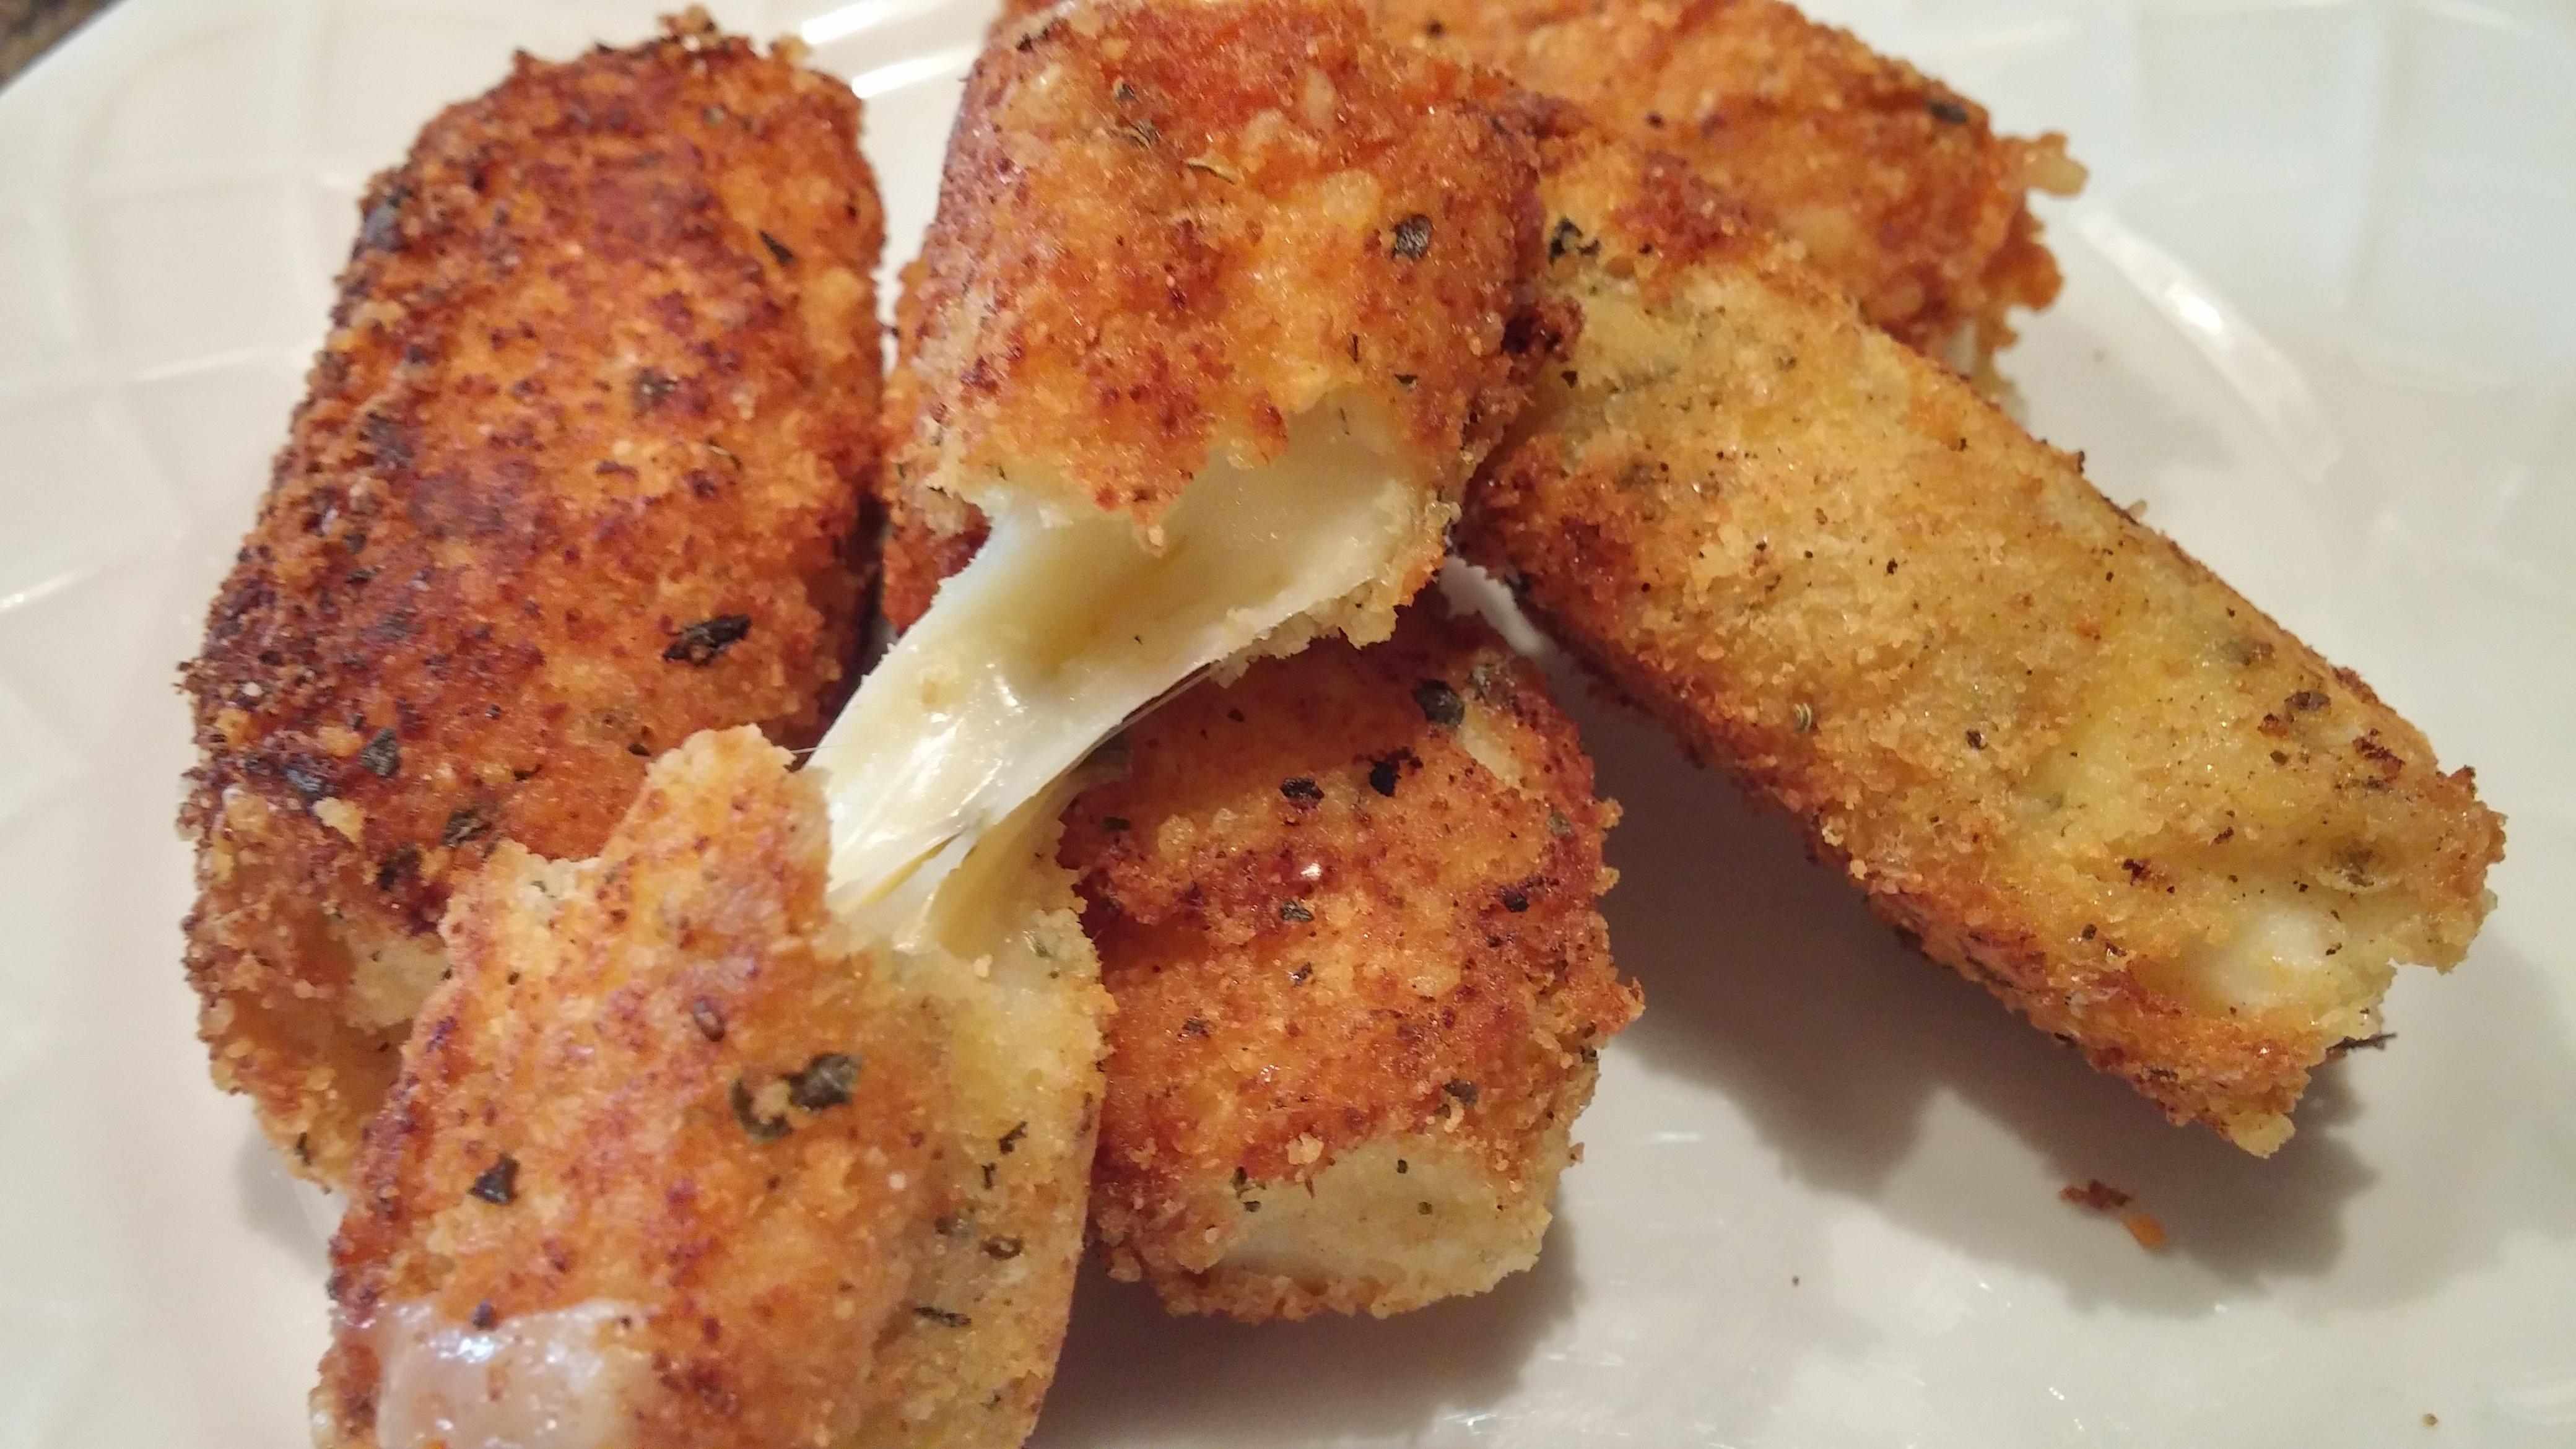 Keto Dessert Recipes Easy Low Carb Almond Flour